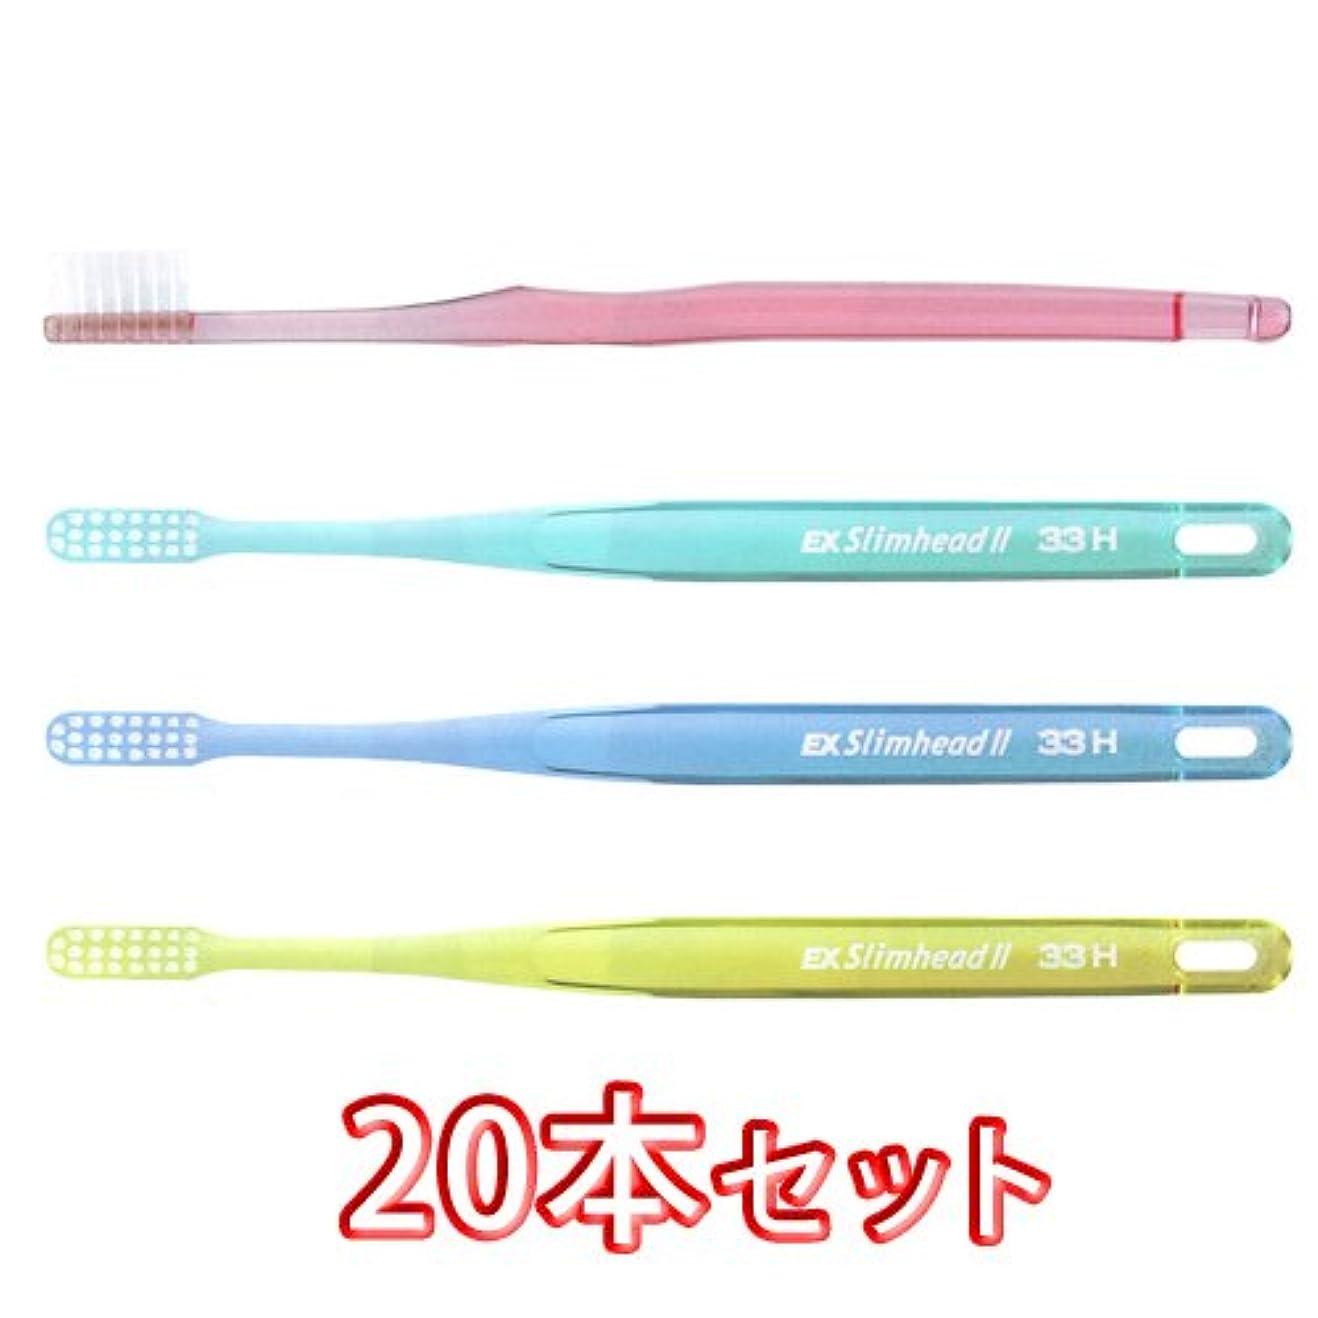 売る大宇宙純度ライオン スリムヘッド2 歯ブラシ DENT . EX Slimhead2 20本入 (33H)